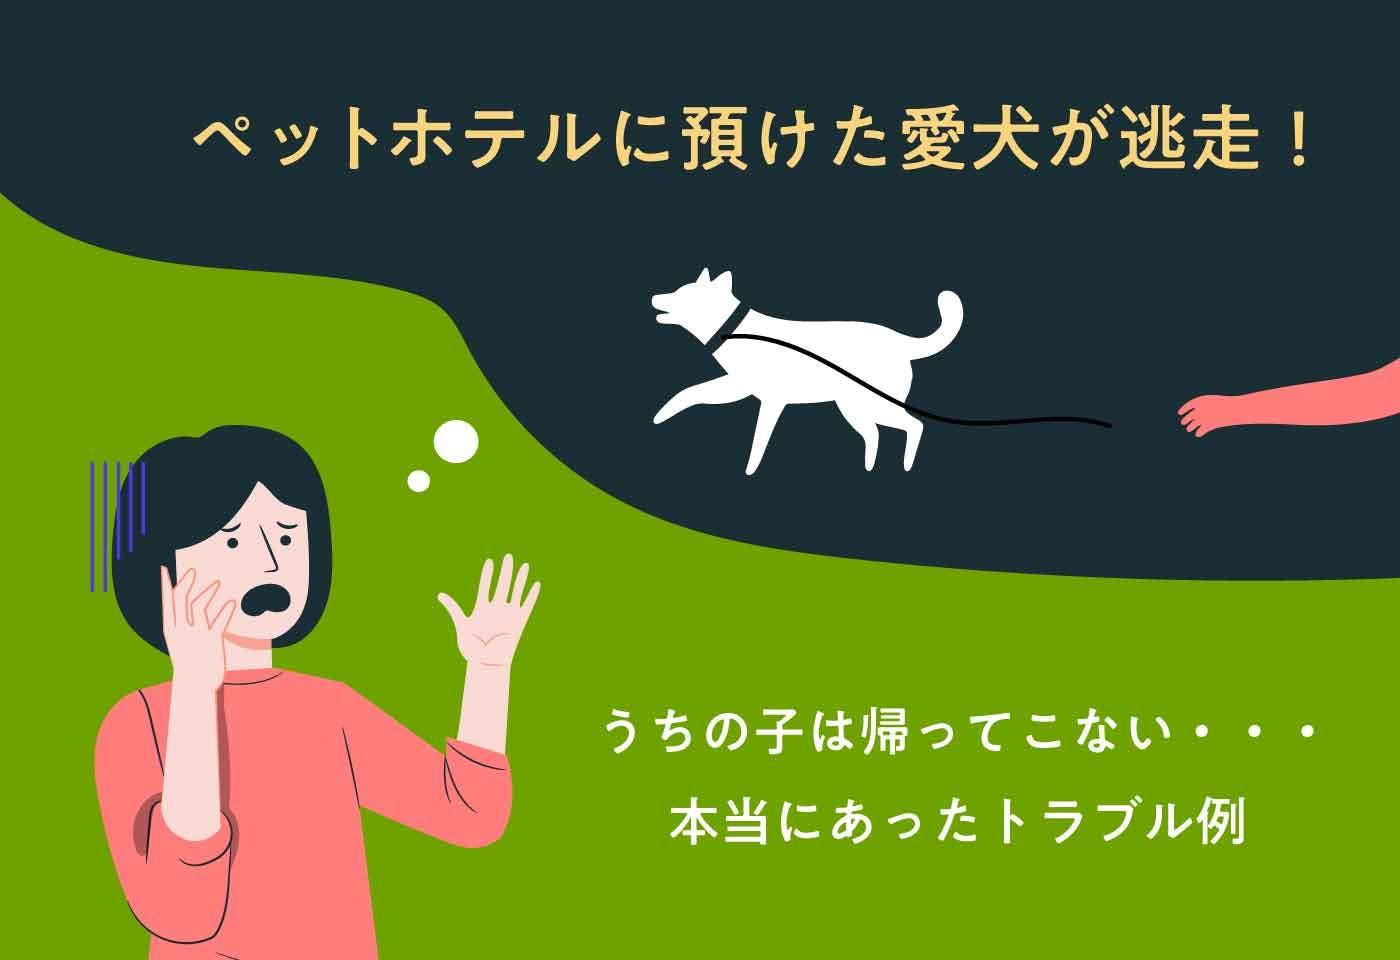 【法律】ペットホテルに預けた愛犬が逃走!サロンに預けた愛猫が尻尾を切られた!施設側の責任は?